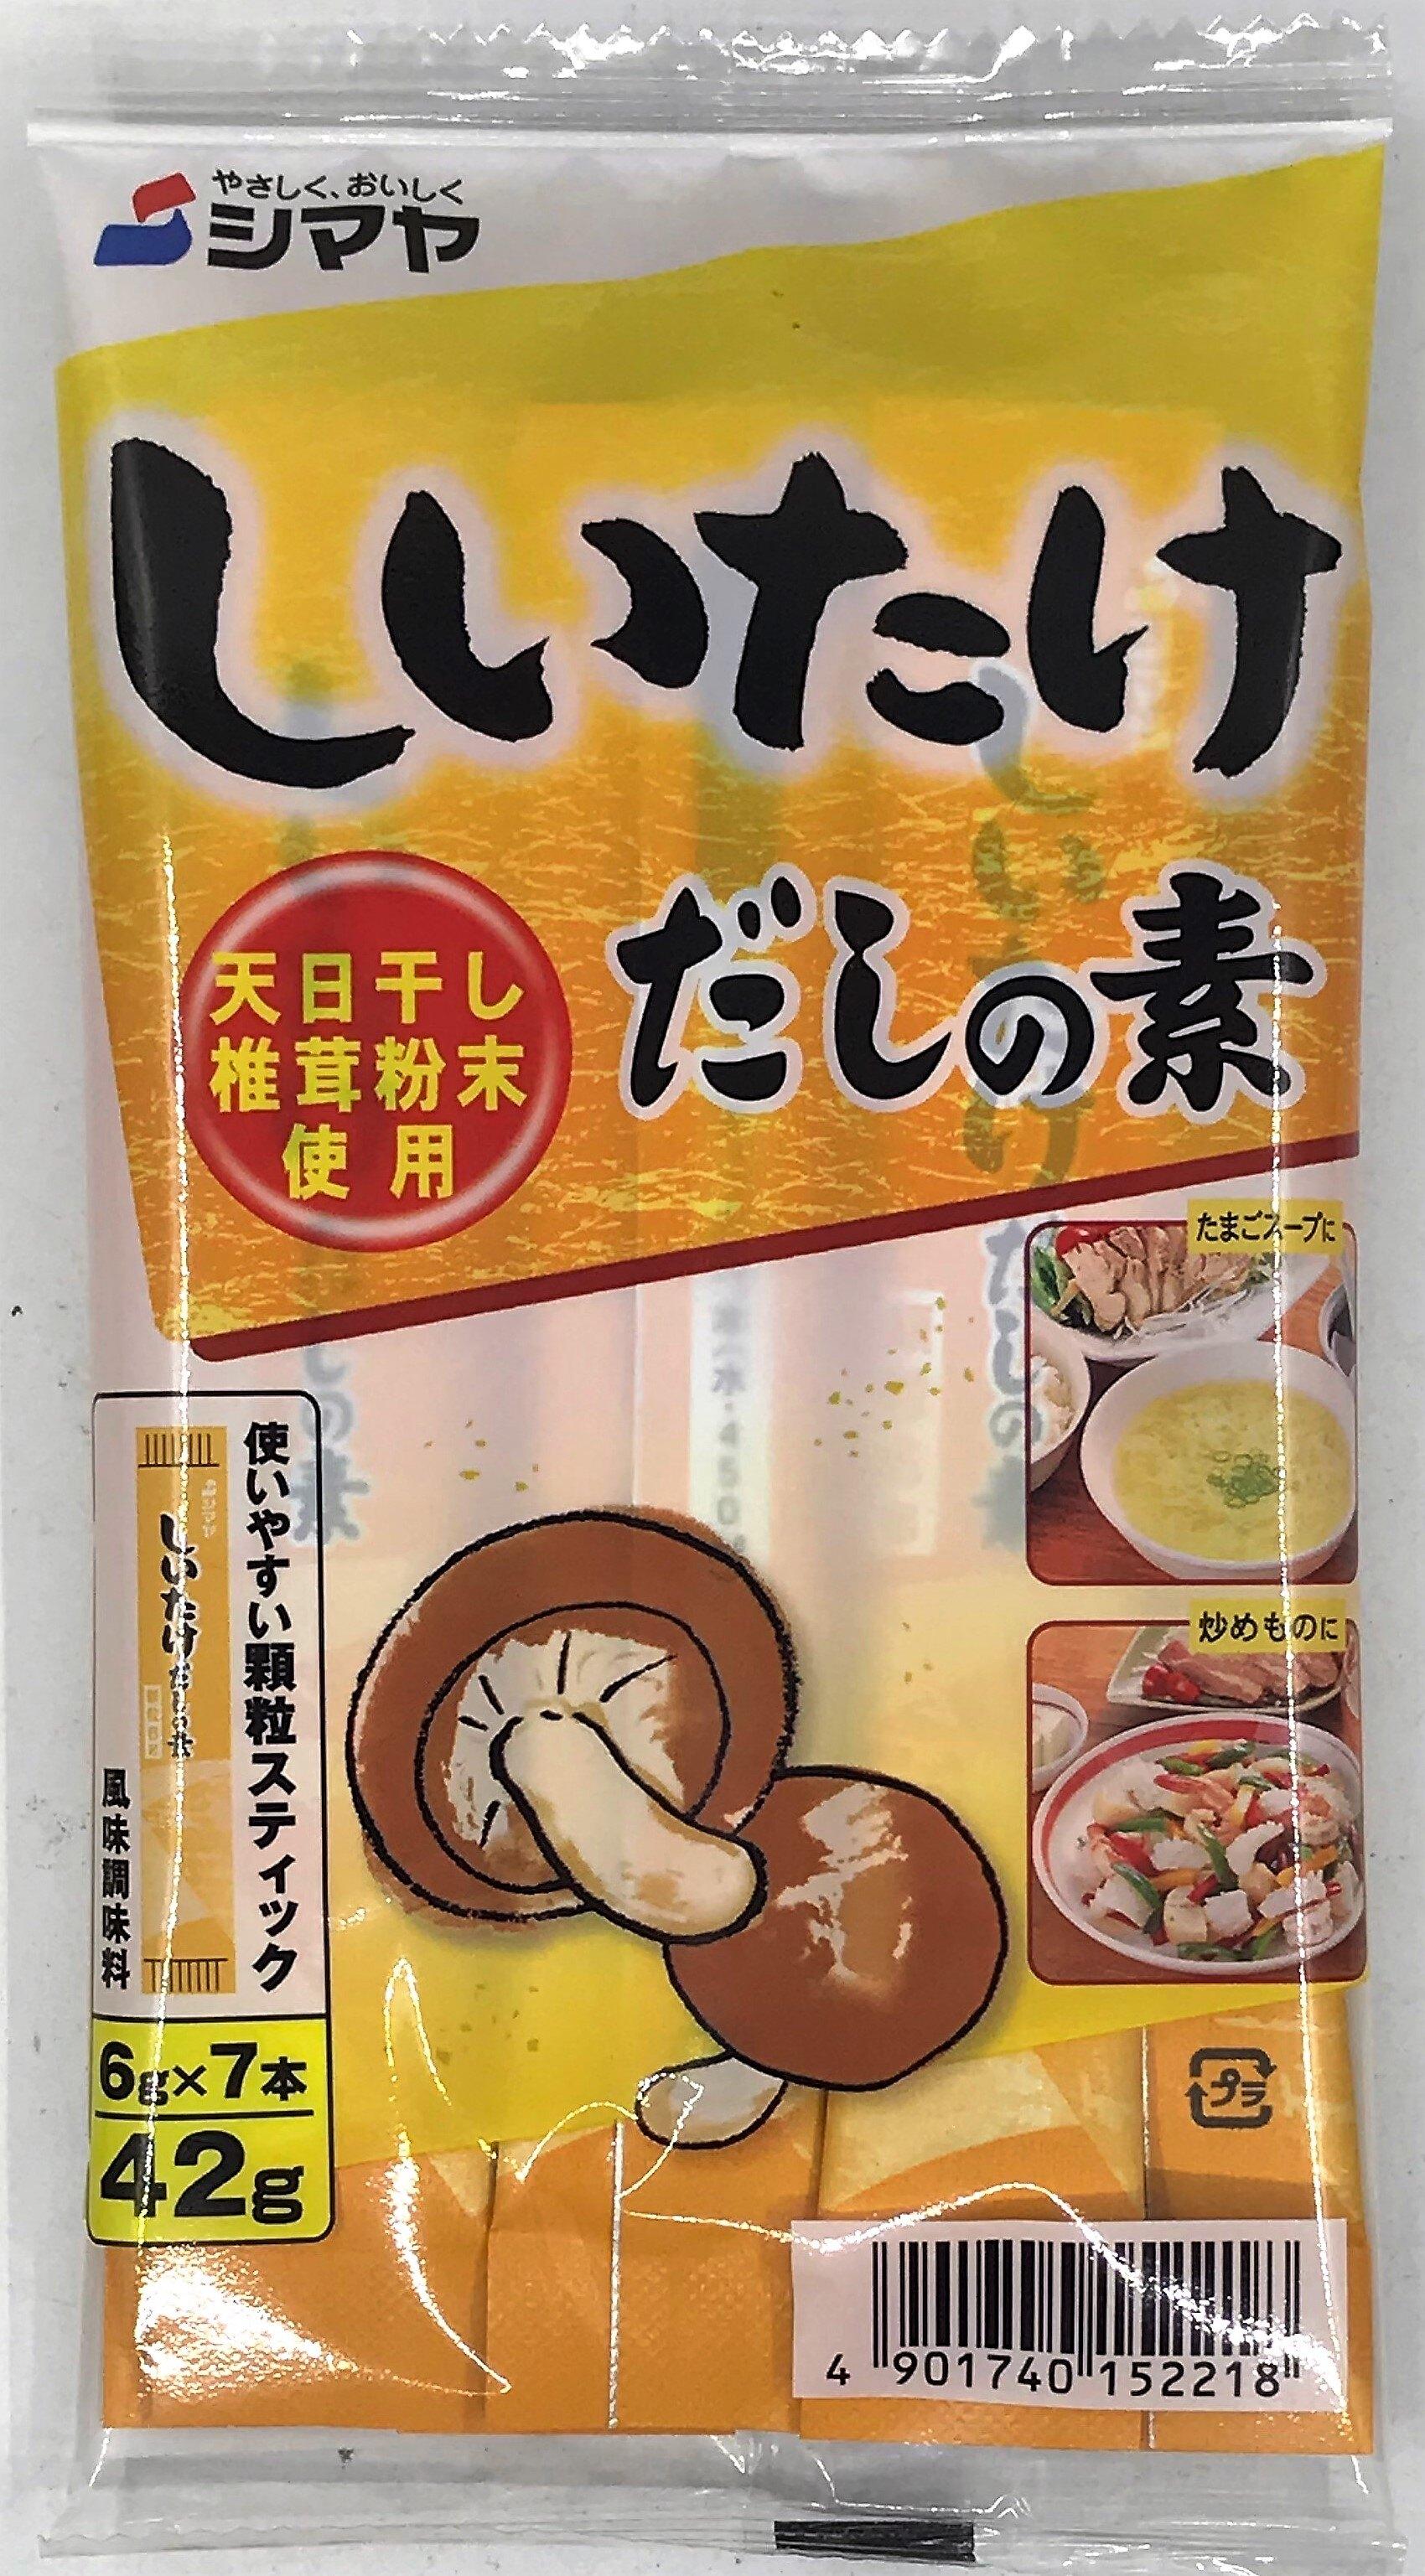 [哈日小丸子]香菇風味調味料(7袋/42g)